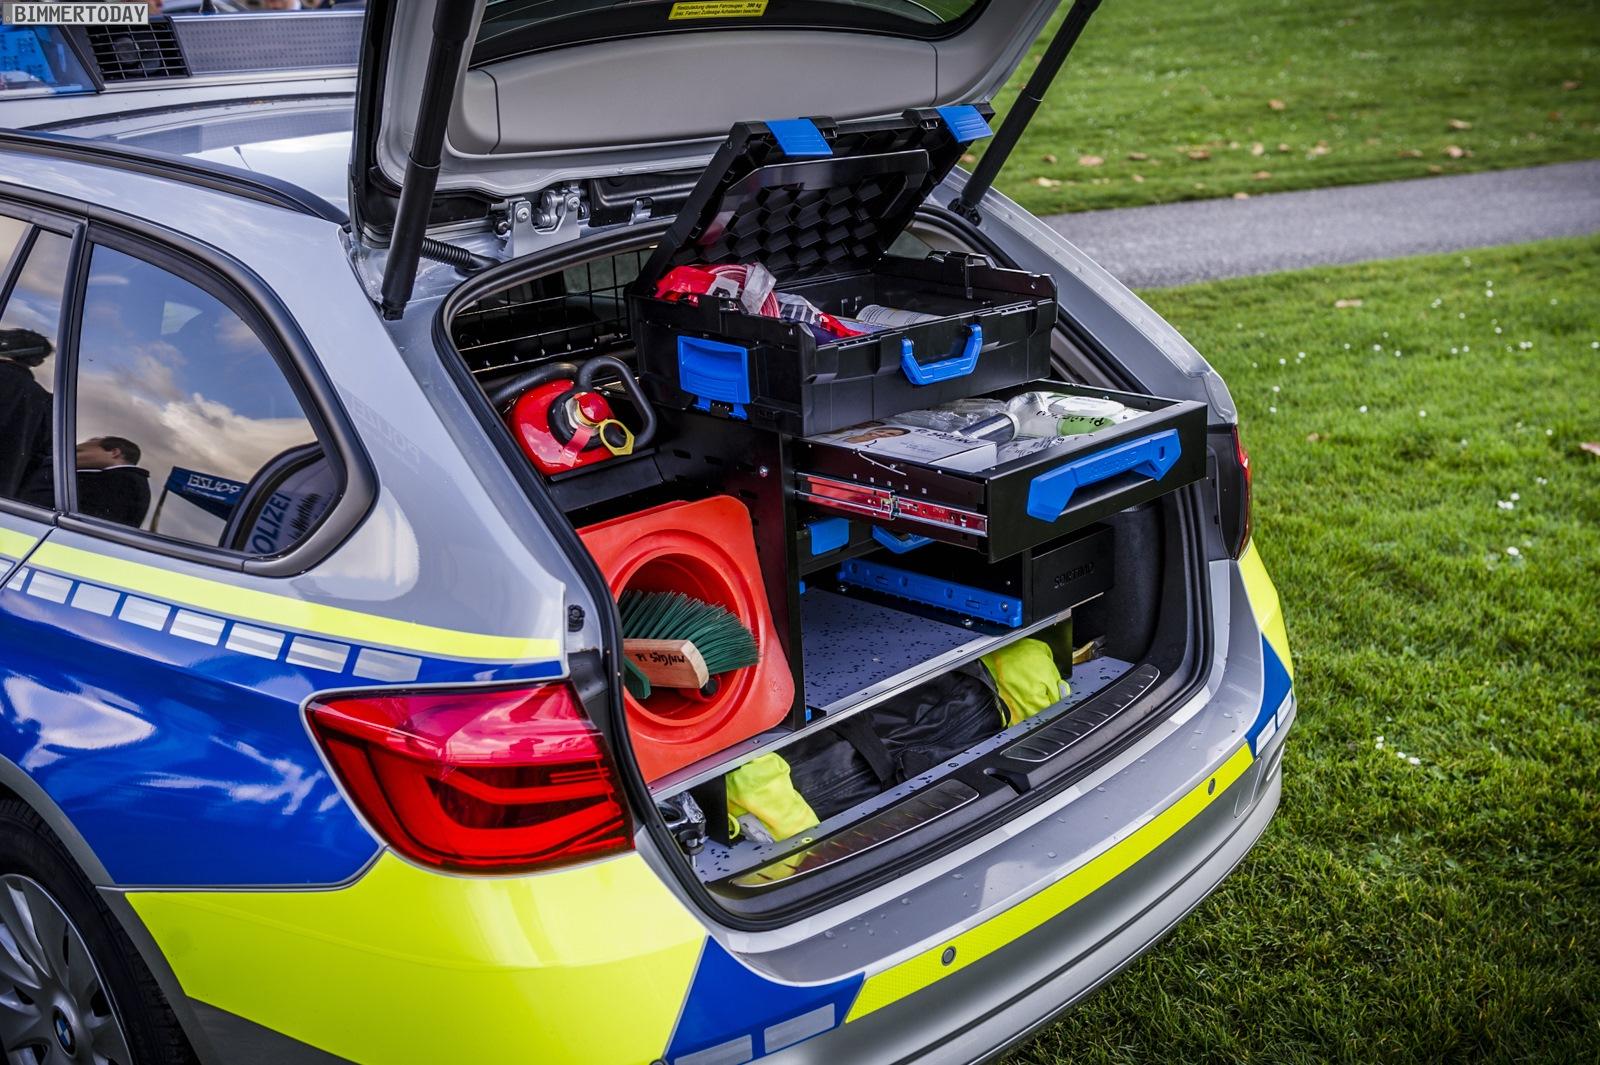 Bmw 3er Touring F 252 R Die Polizei Nrw Mehr Bilder Vom 318d F31